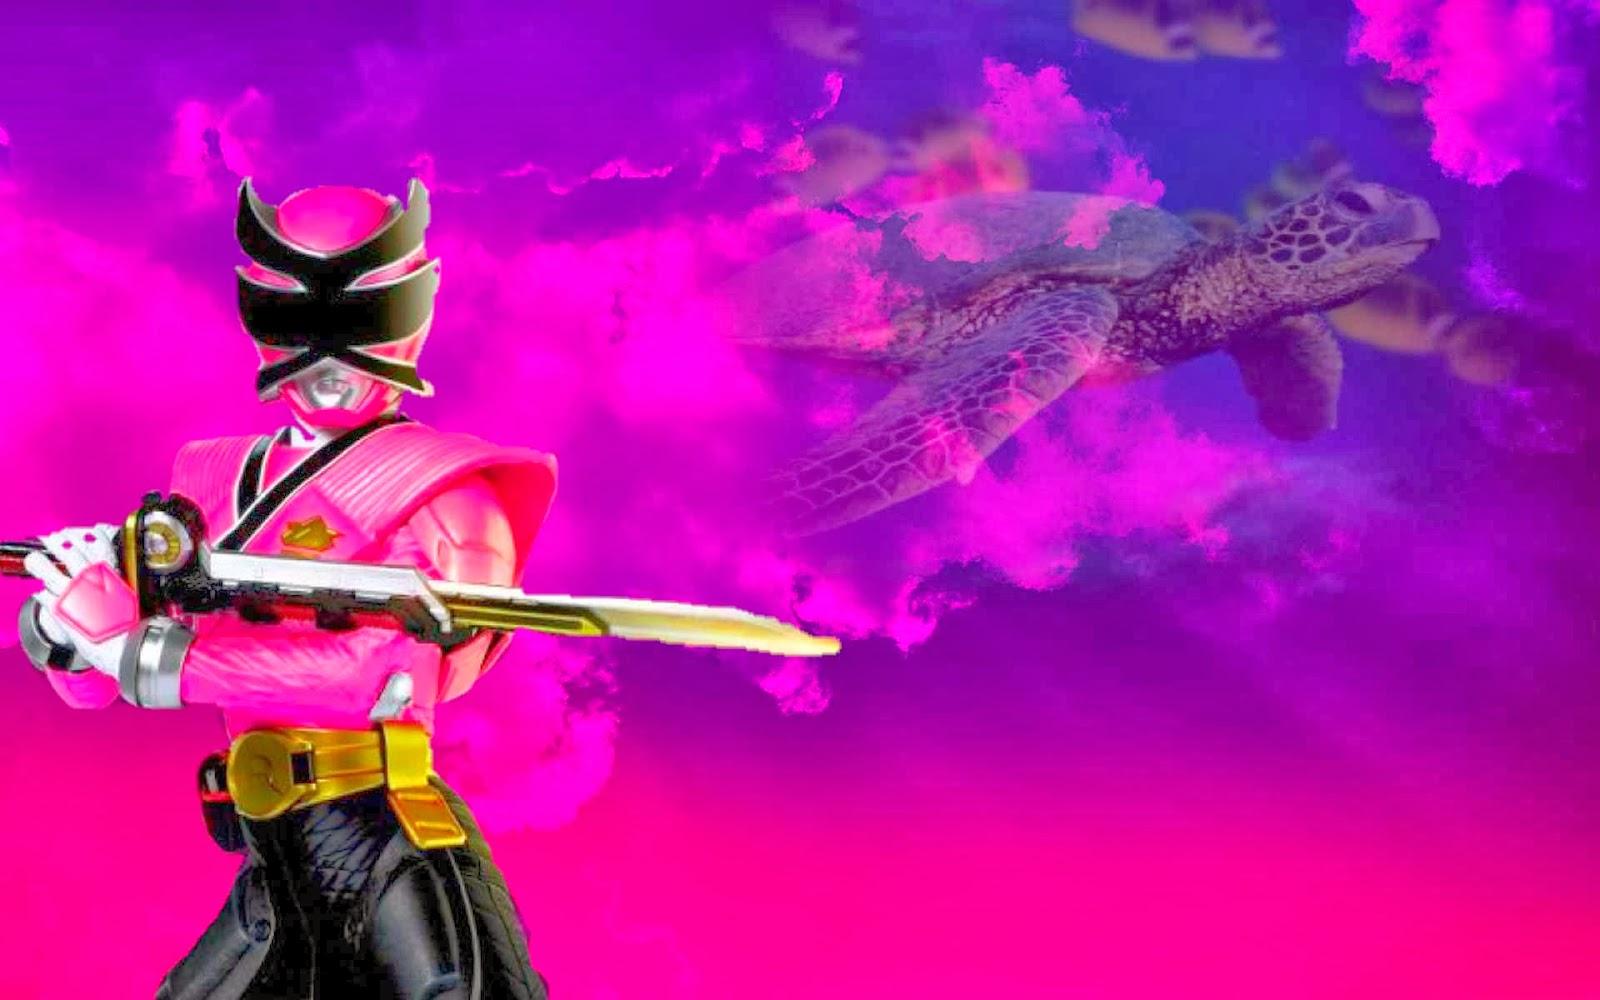 Power rangers power rangers samurai - Power ranger samurai rose ...